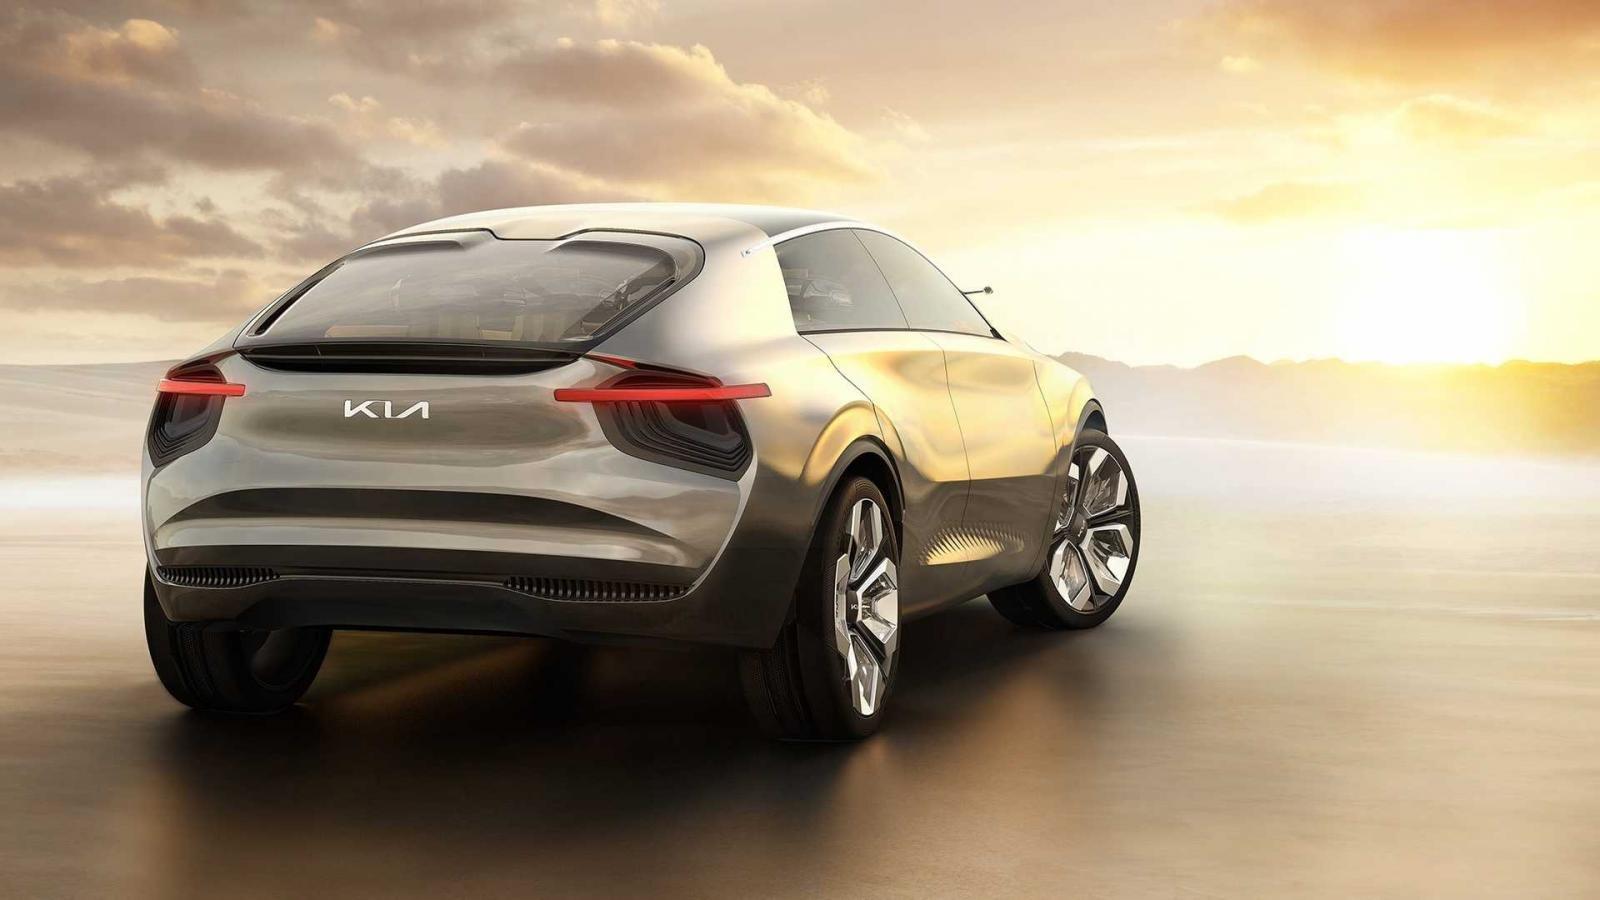 Crossover Kia đầu bảng mới thực chất là mẫu Imagine Concept từng xuất hiện.